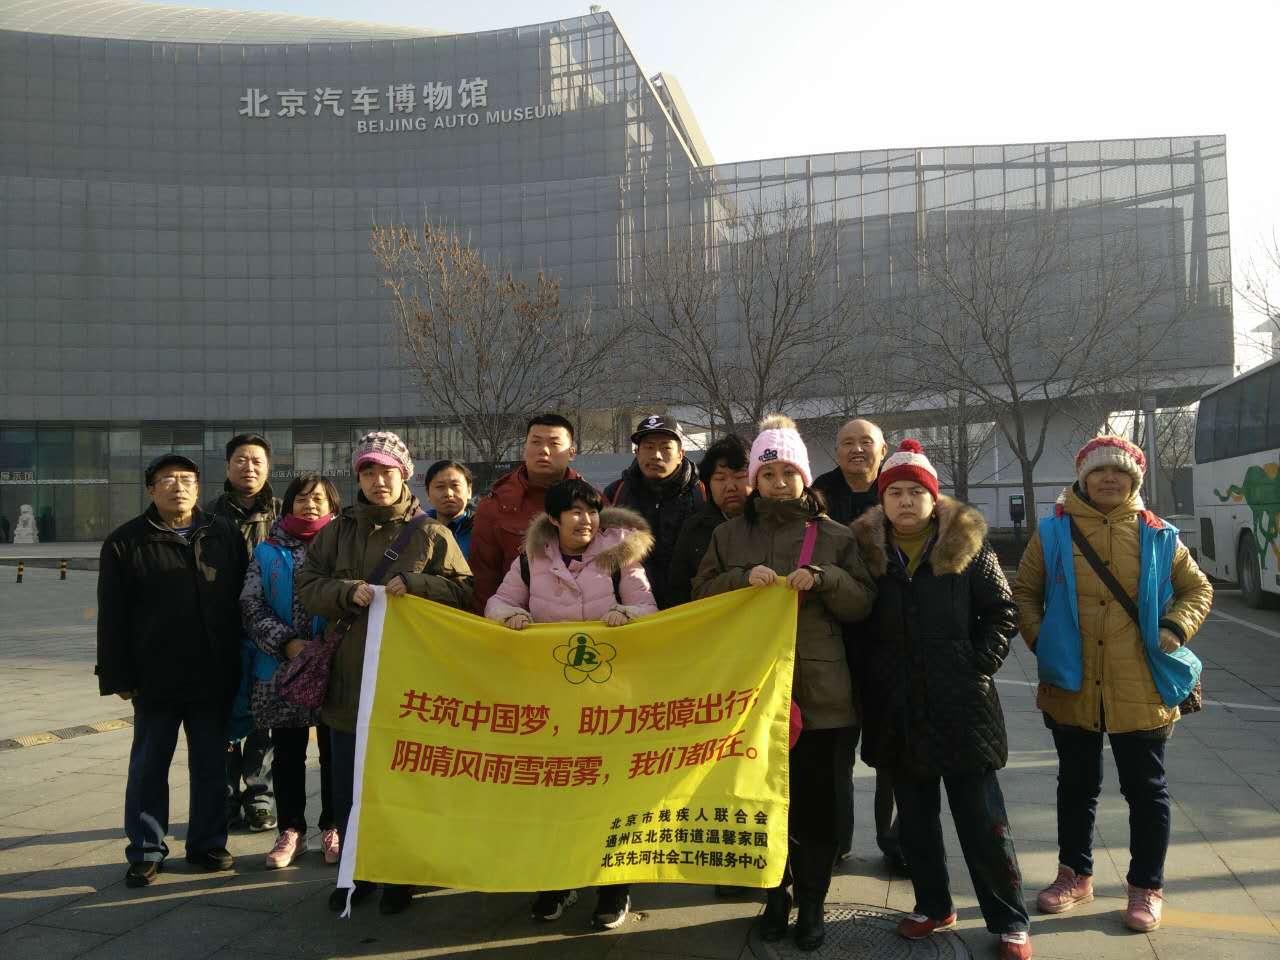 在北京市通州区北苑街道残联的支持下由北京先河社会工作服务中心筹备